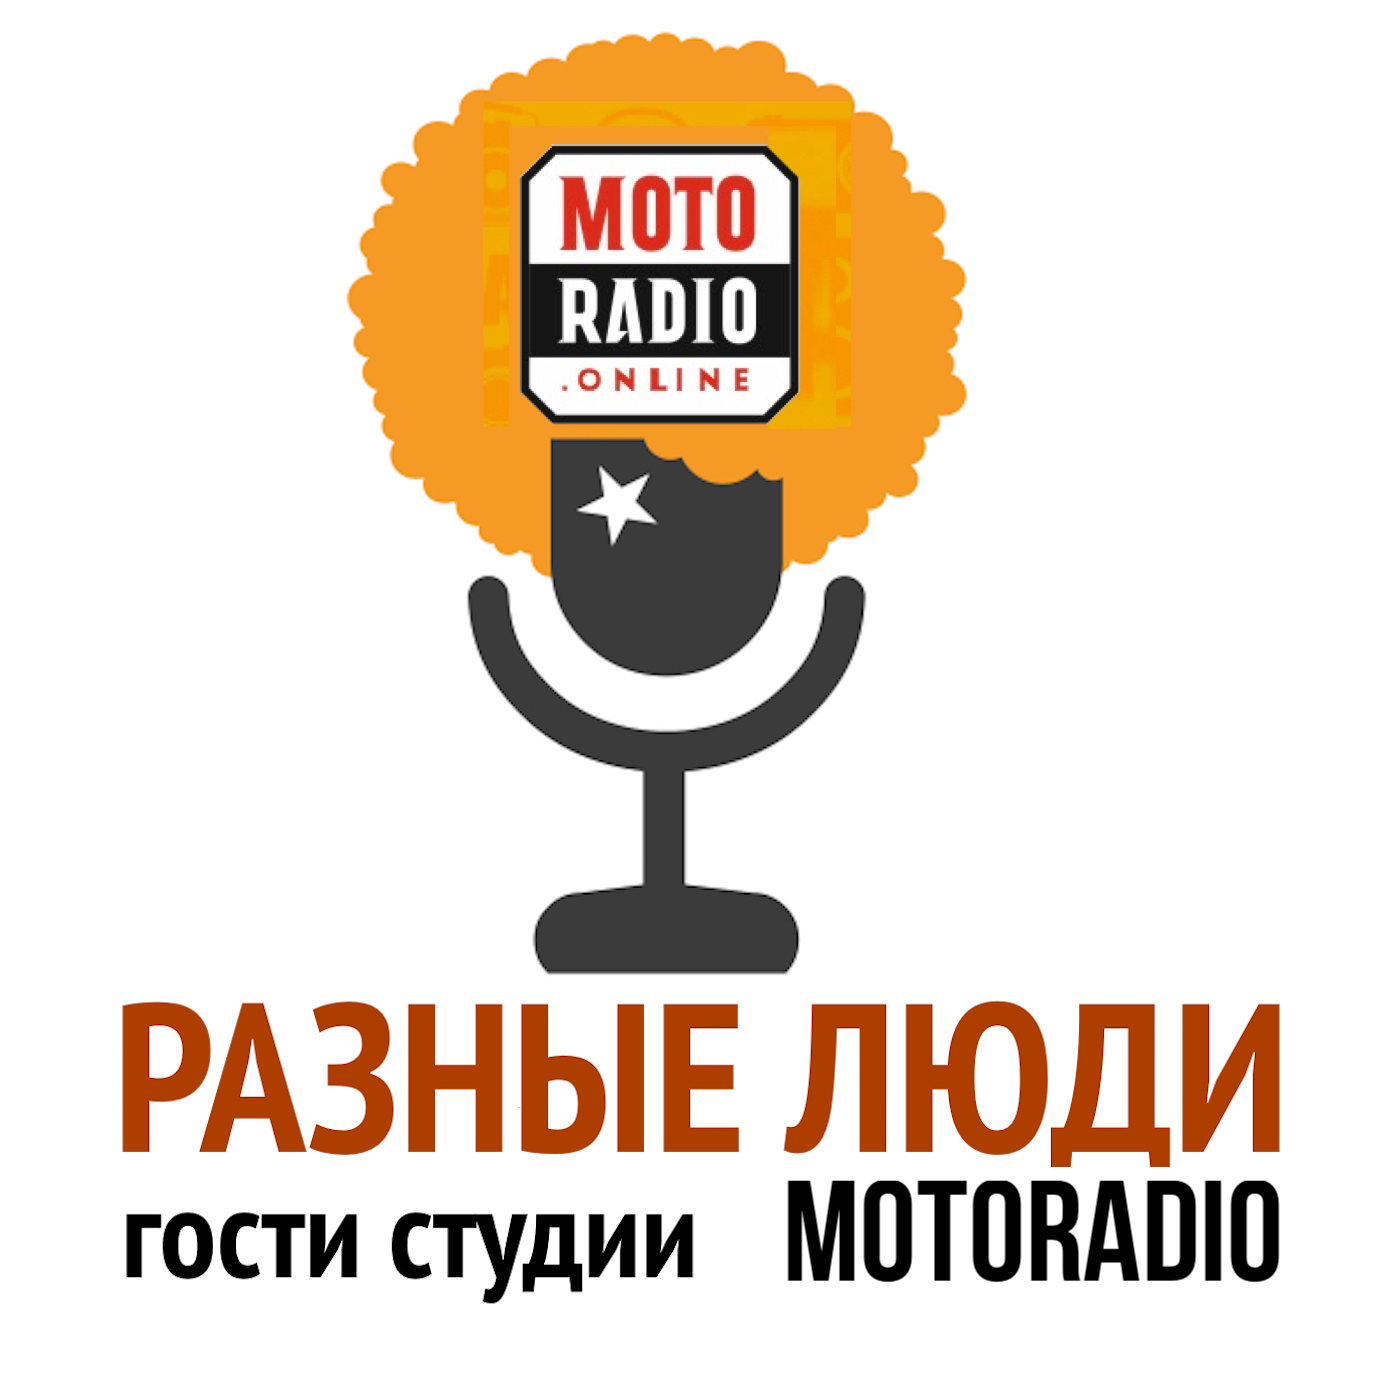 Моторадио Евгений Броневицкий (Поющие гитары) на радио Fontanka.FM моторадио об опере и режопере рассказывает евгений хакназаров